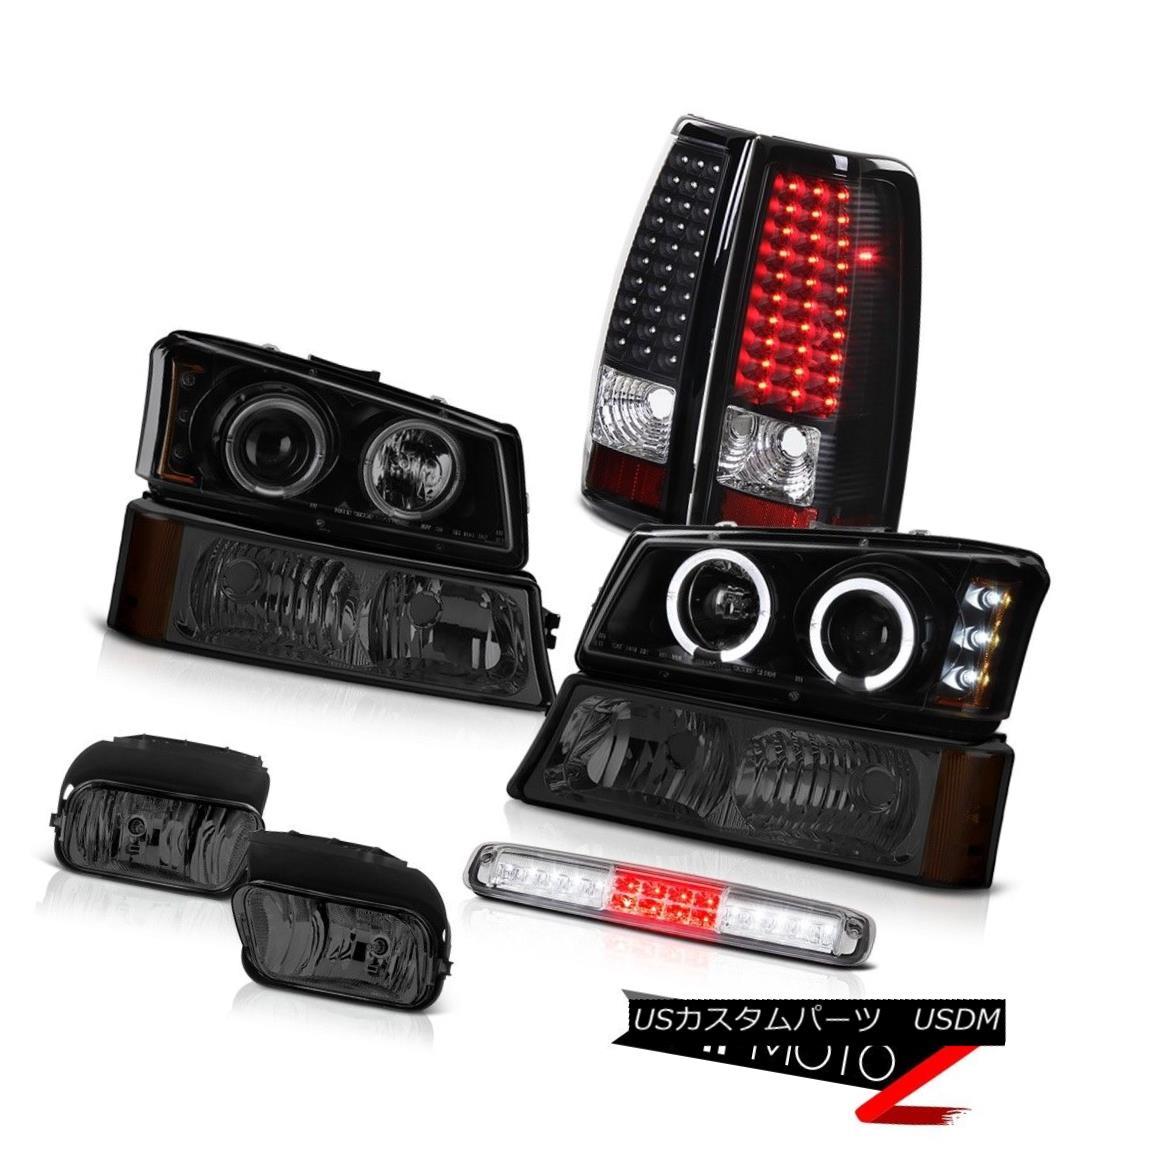 テールライト 03-06 Silverado Foglamps Bumper Light 3RD Brake Projector Headlights Taillights 03-06 Silverado Foglampsバンパーライト3RDブレーキプロジェクターヘッドライトテールライト